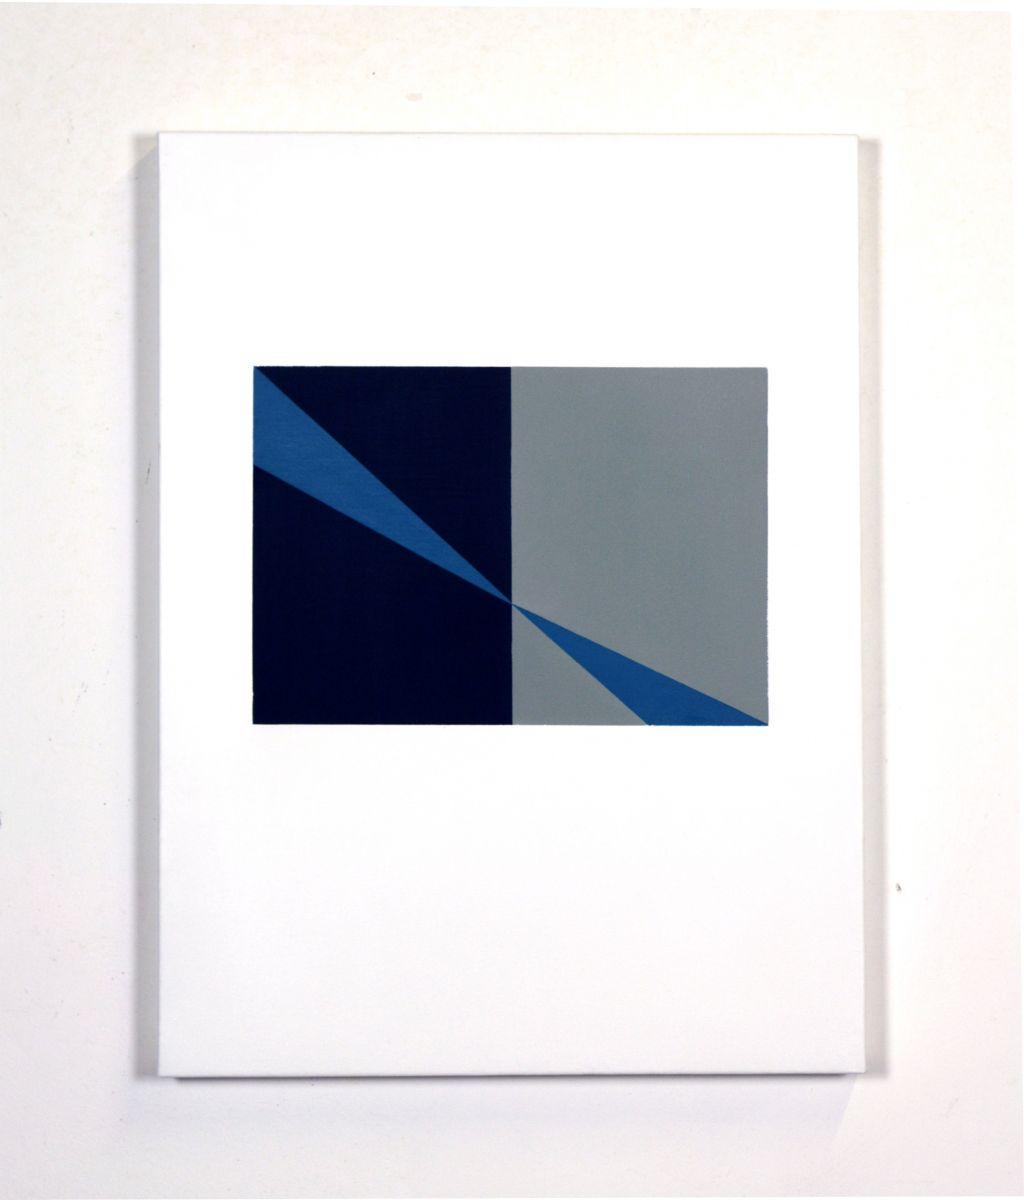 malerei-artworks-abstraktionen-christian eder-2018